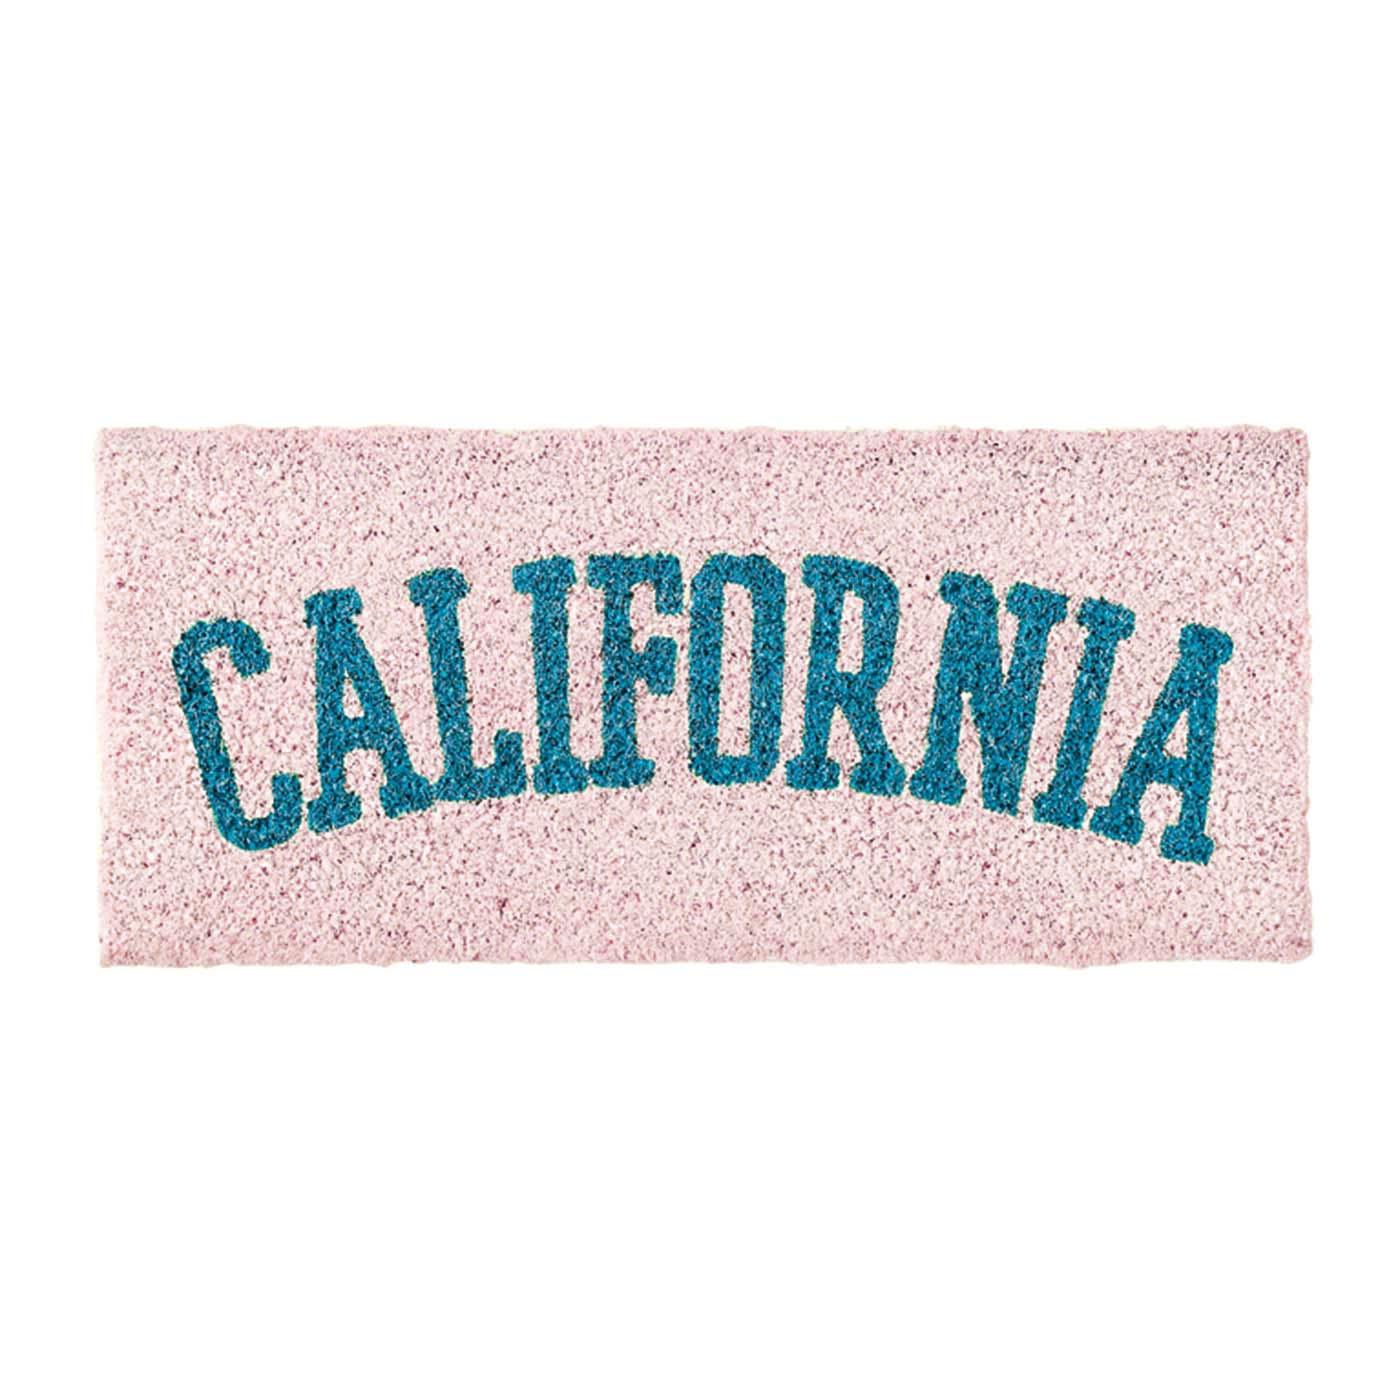 「CALIFORNIA」のタイポグラフィー。硬いココヤシ繊維は、砂や泥などの汚れを落としてくれます。